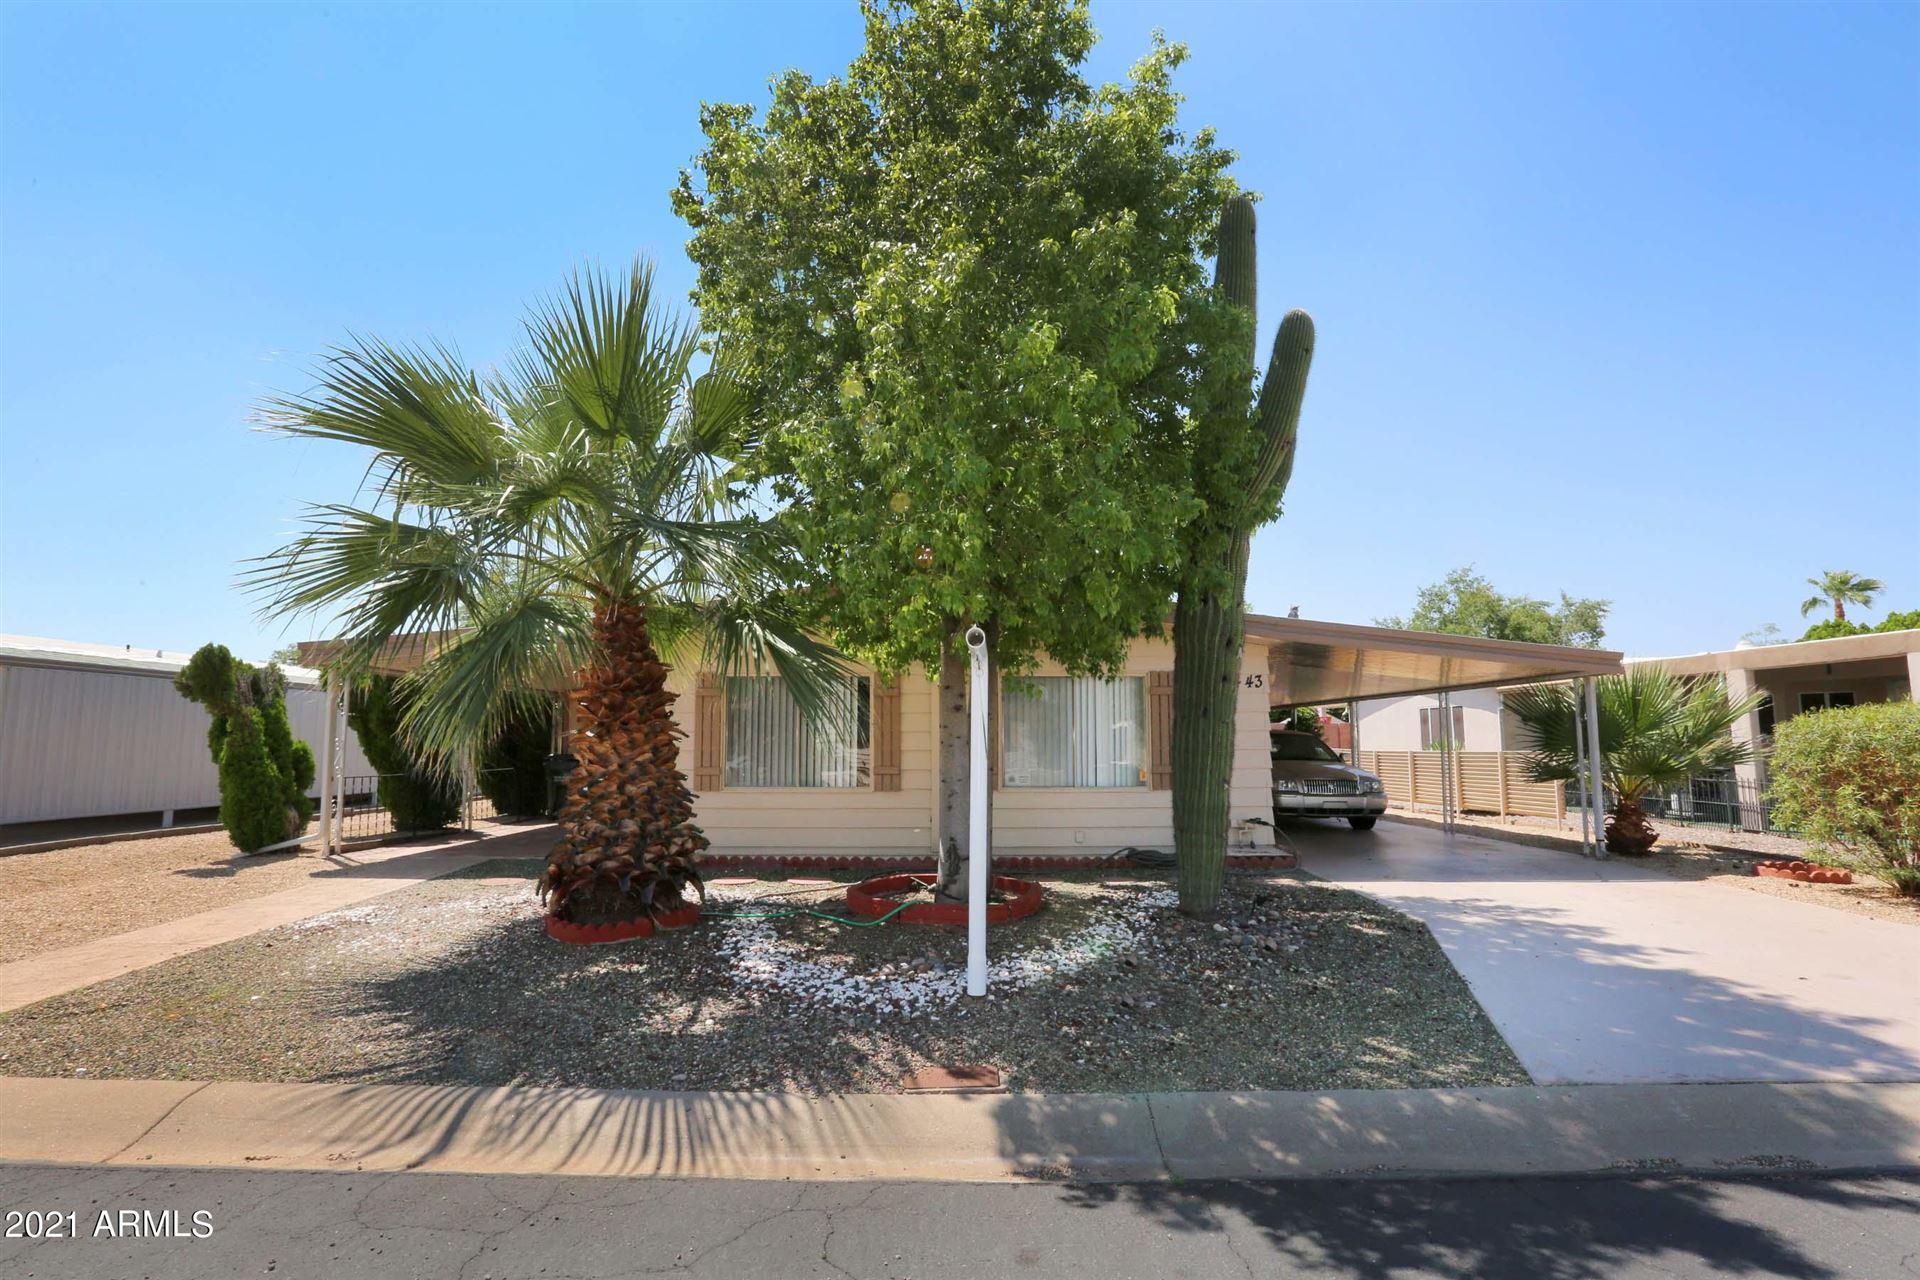 3443 E SANDRA Terrace, Phoenix, AZ 85032 - MLS#: 6283651